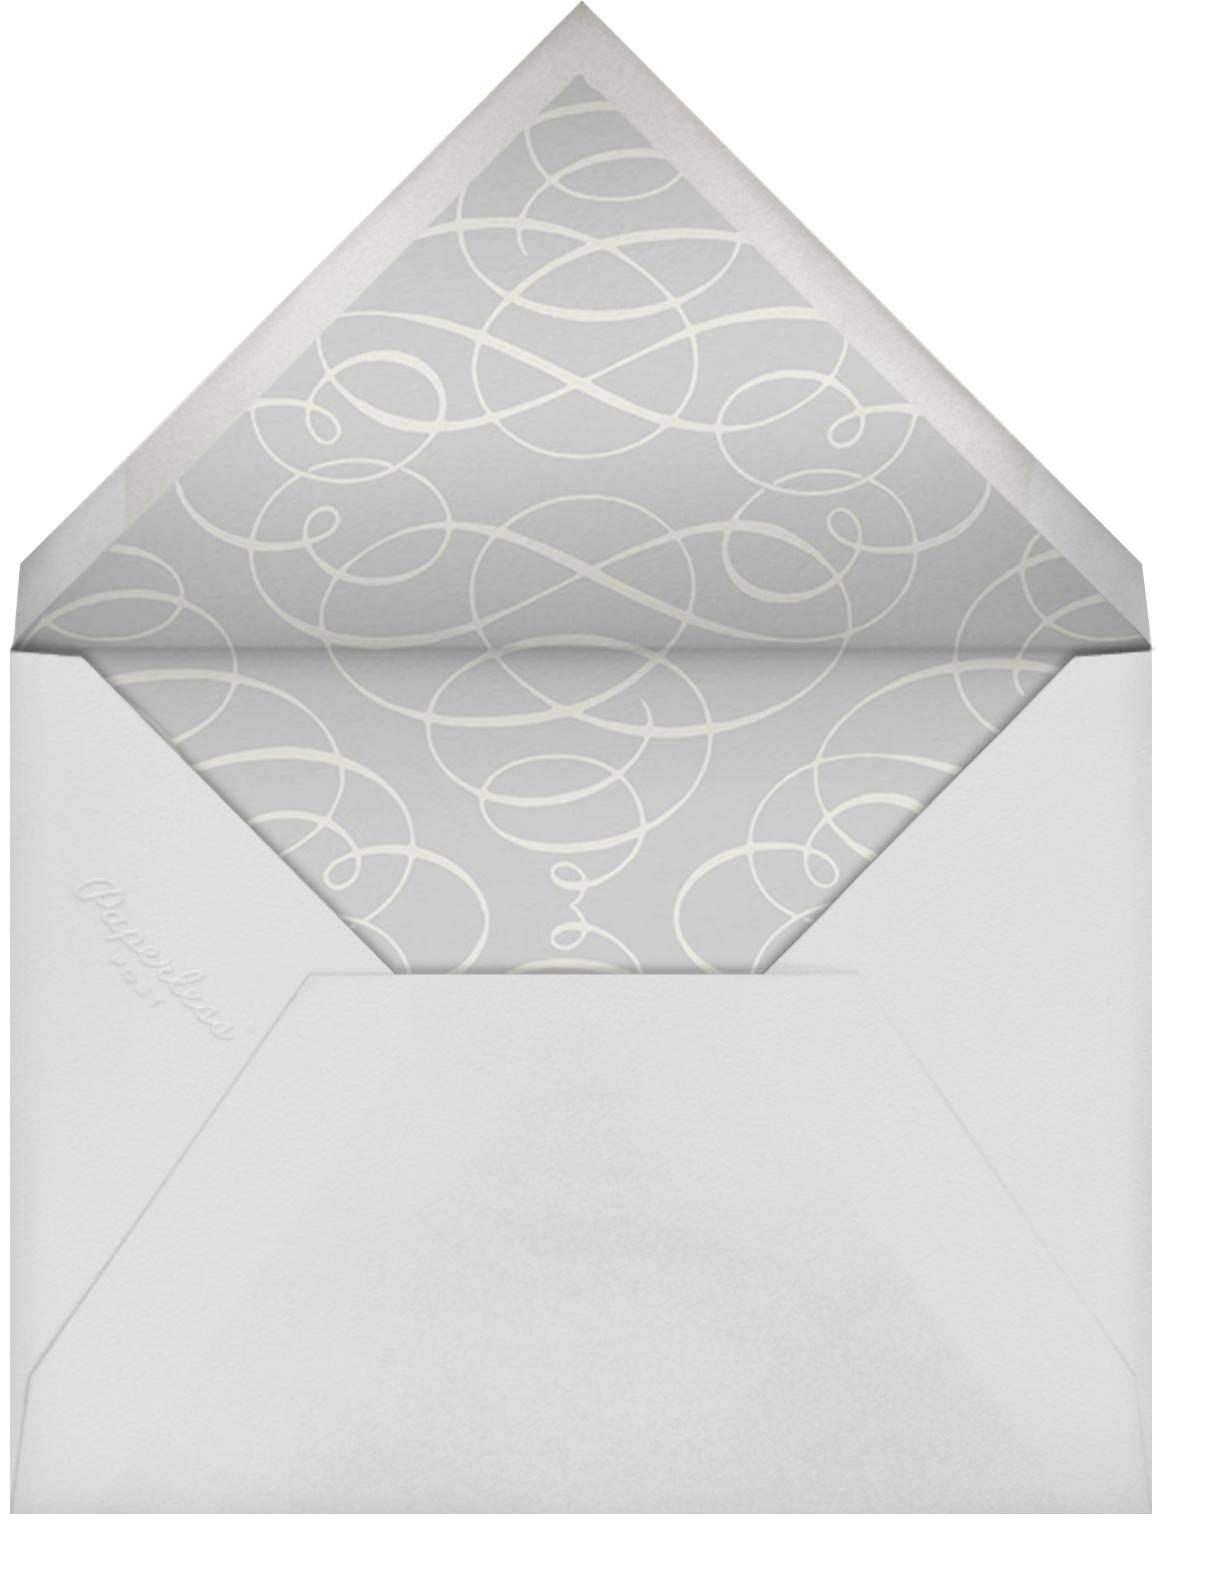 Regency (Square) - Black - Paperless Post - Rehearsal dinner - envelope back